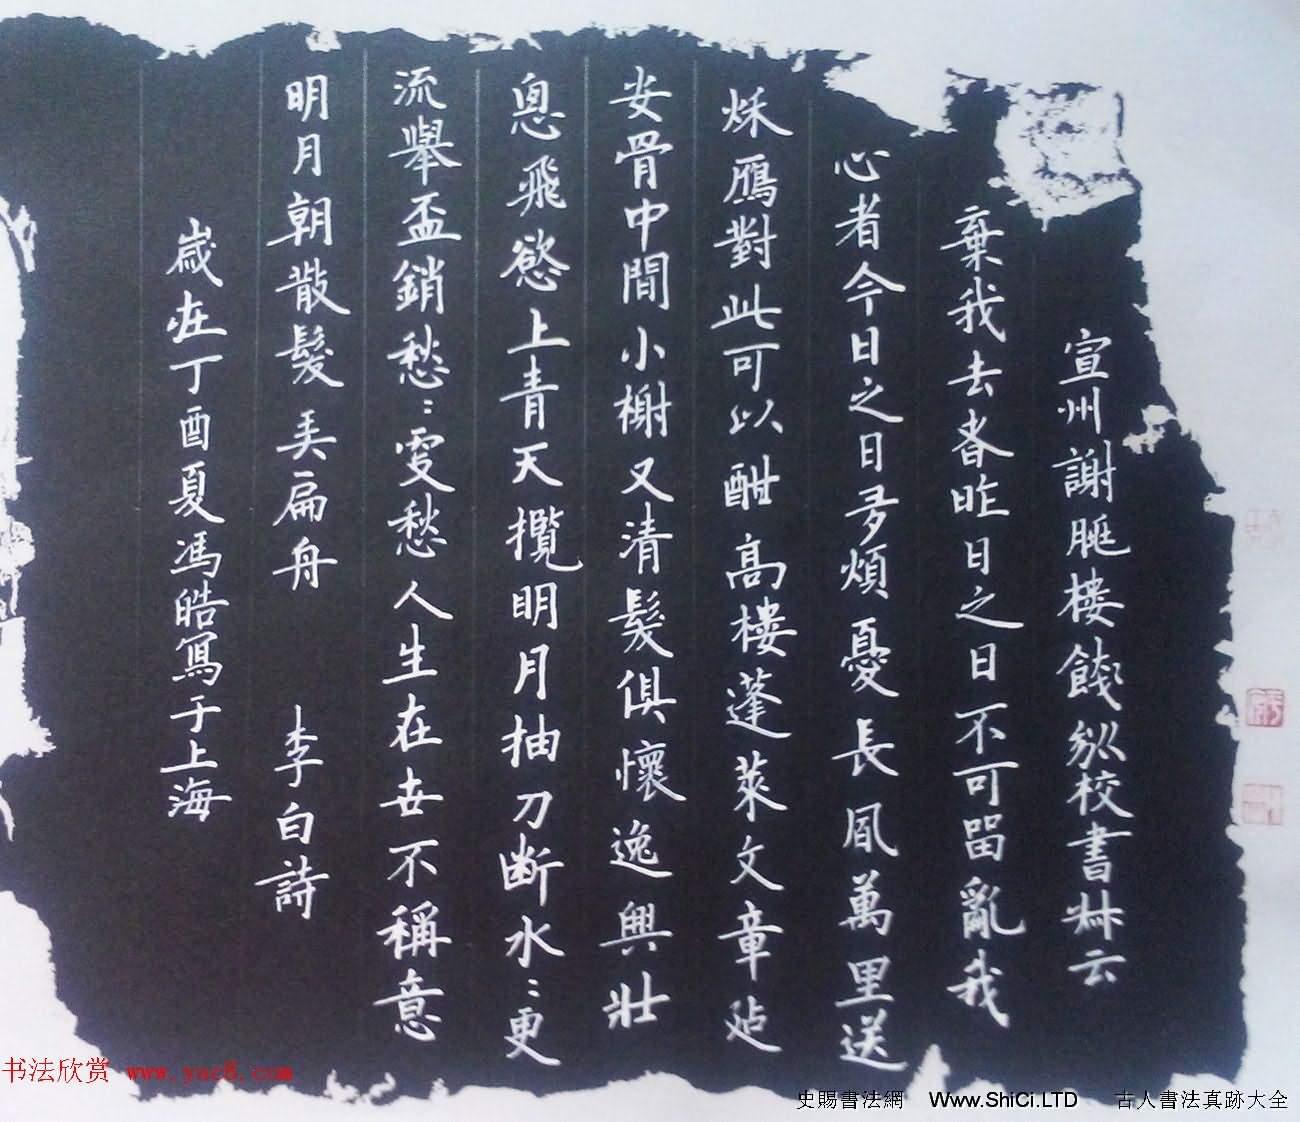 來稿選刊 馮皓硬筆楷書作品真跡(共6張圖片)